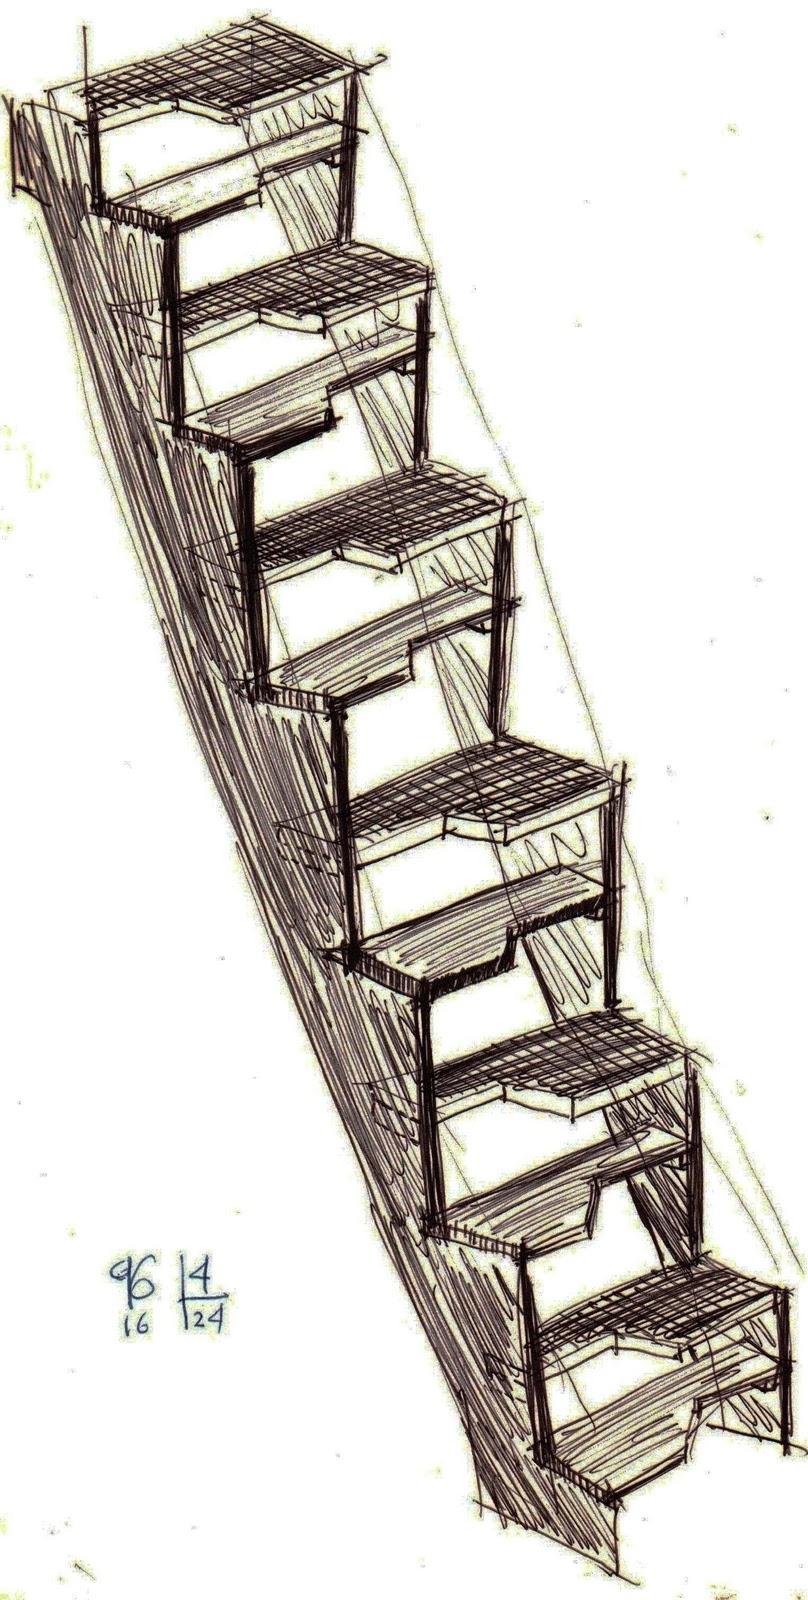 Mario v sconez ecuador 36 la escalera v sconez o c mo for Escalera 5 pasos afuera